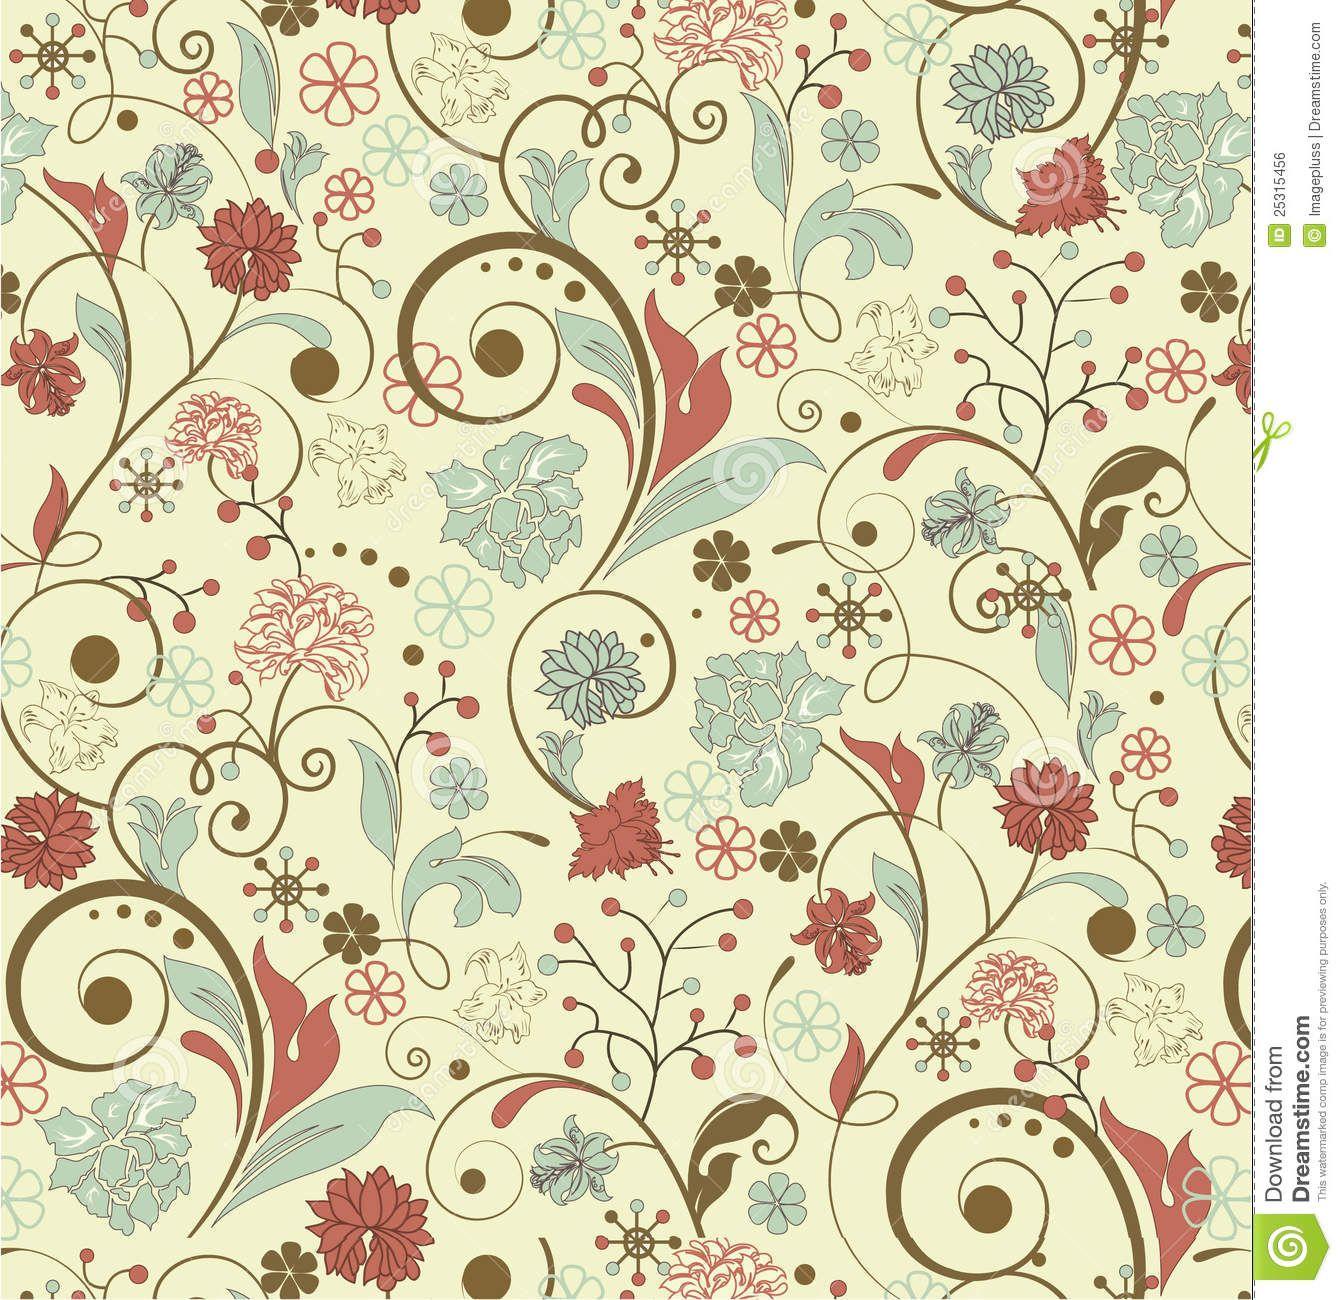 Vintage Background Patterns Flower Backgrounds